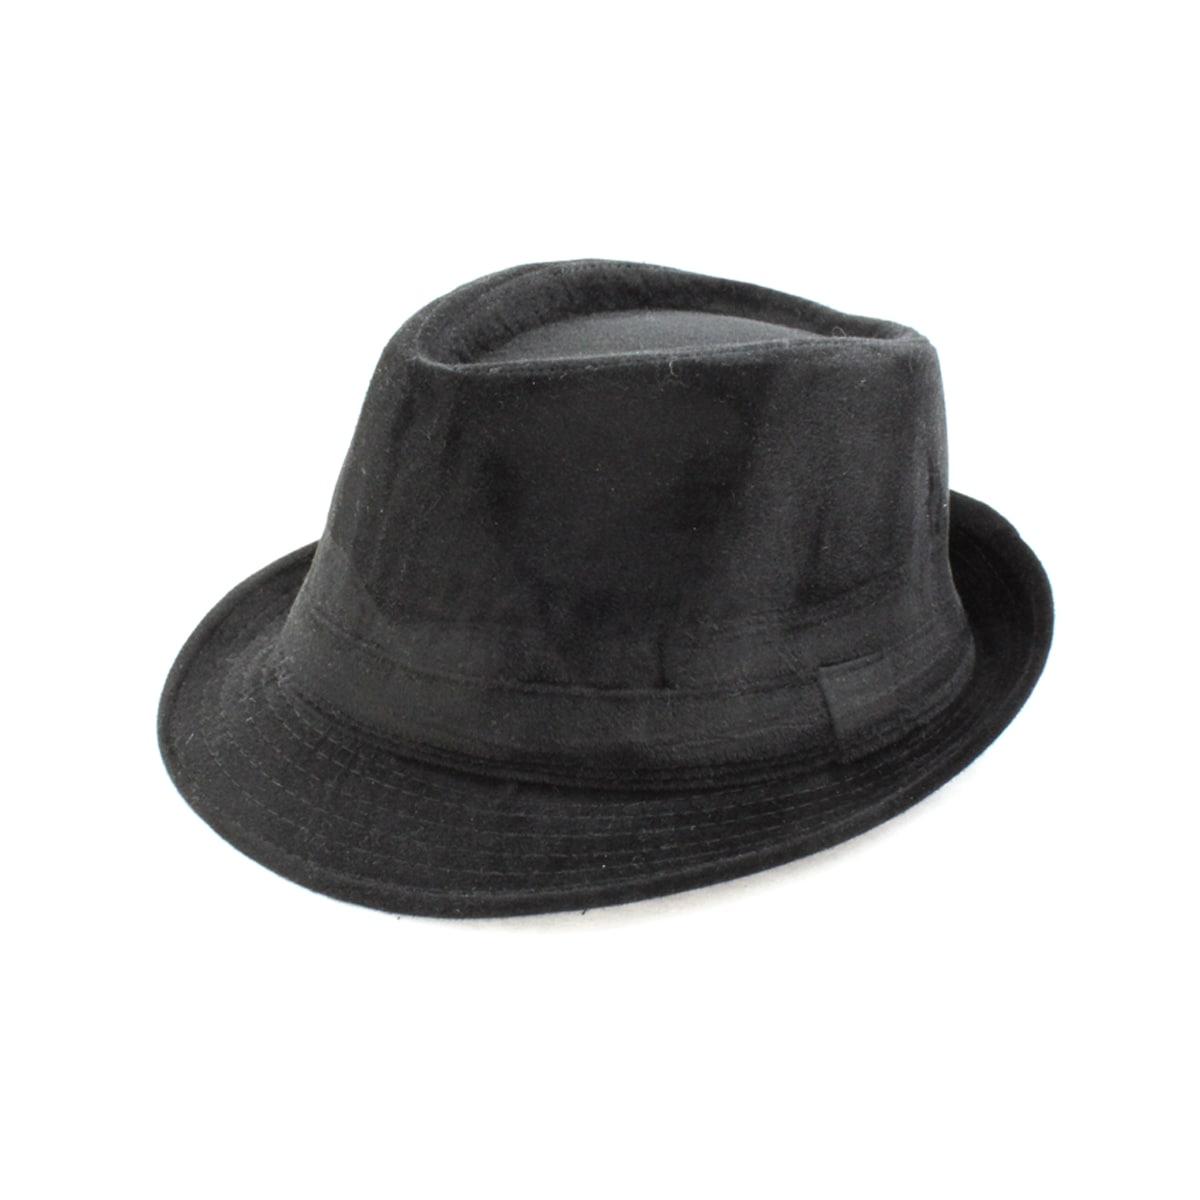 Faddism Black Fedora Hat